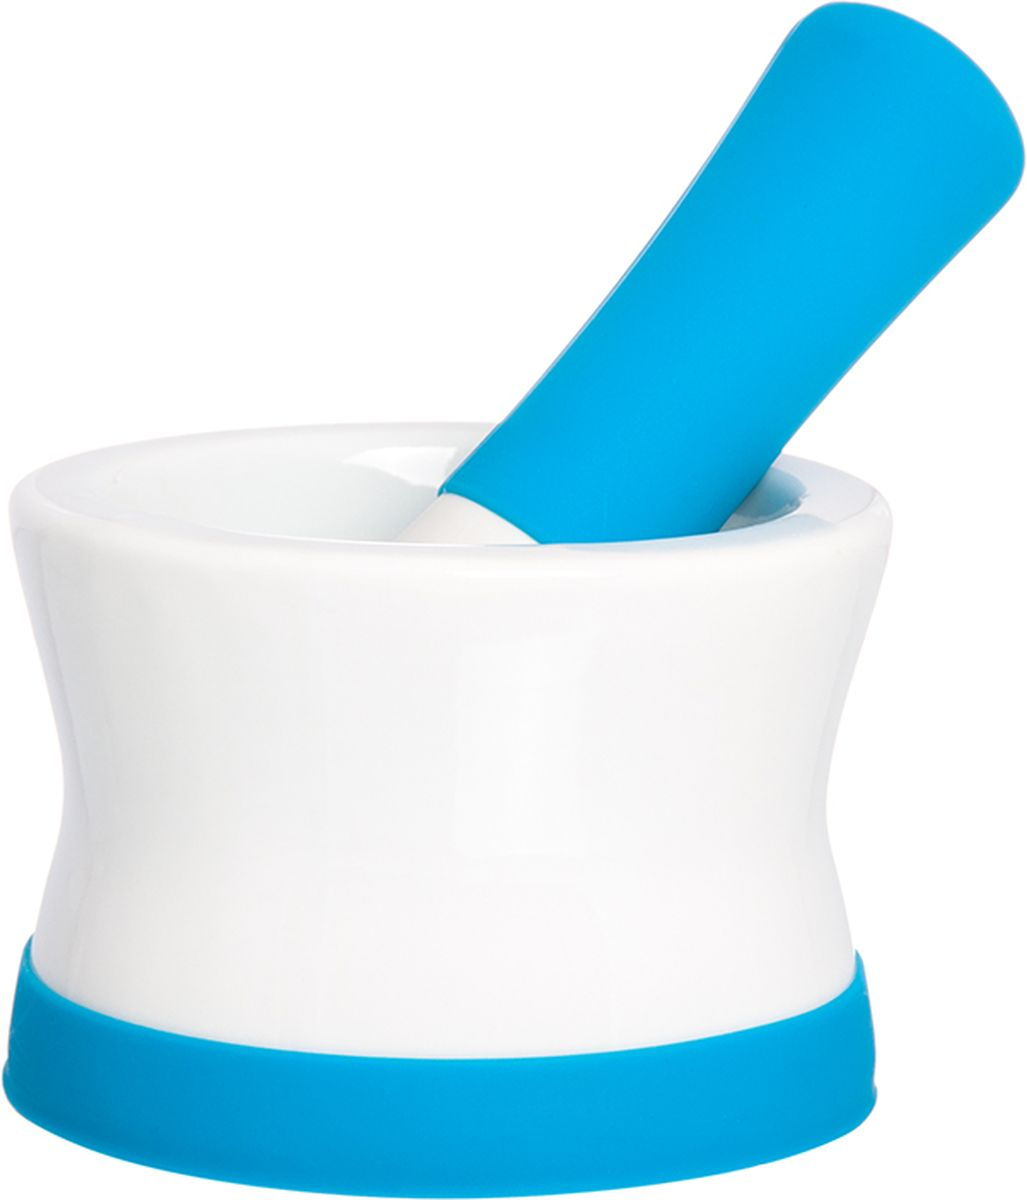 Ступка с пестиком Elan Gallery, с подставкой, цвет: белый, лазурный, 11,5 х 11,5 х 8 см900040Ступка с силиконовой ножкой-подставкой и пестиком очень удобна для измельчения специй. Незаменимый помощник на кухне. Отличный подарок для искусных кулинаров.